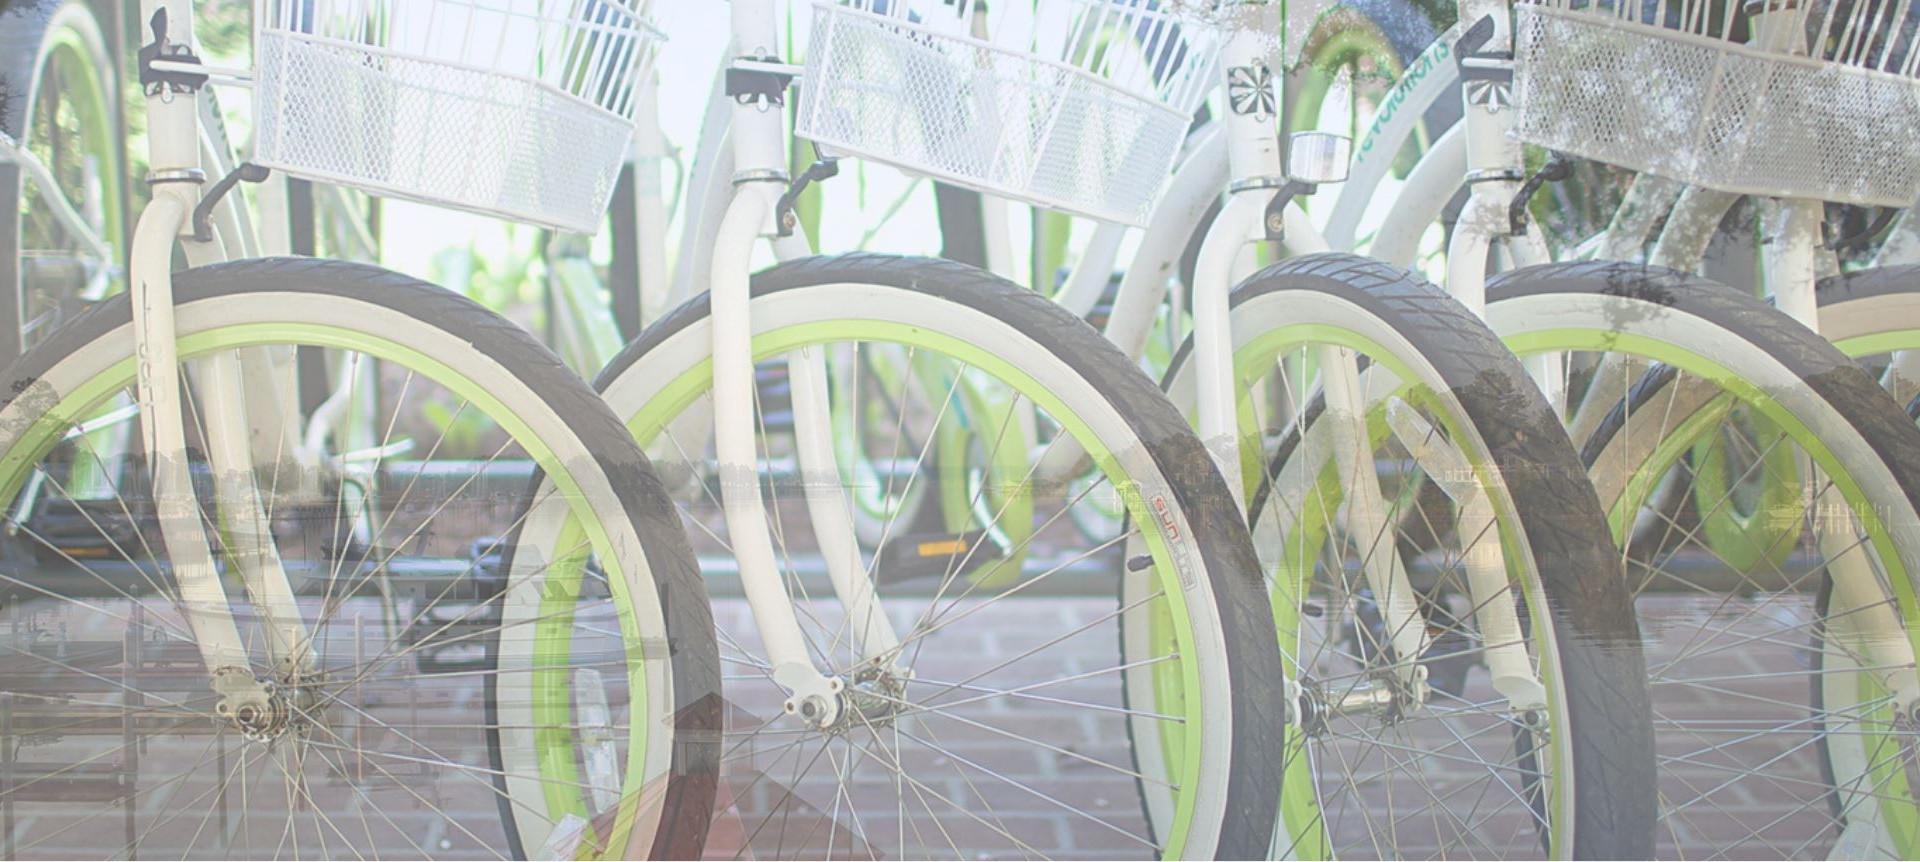 Tides Inn Bikes.JPG